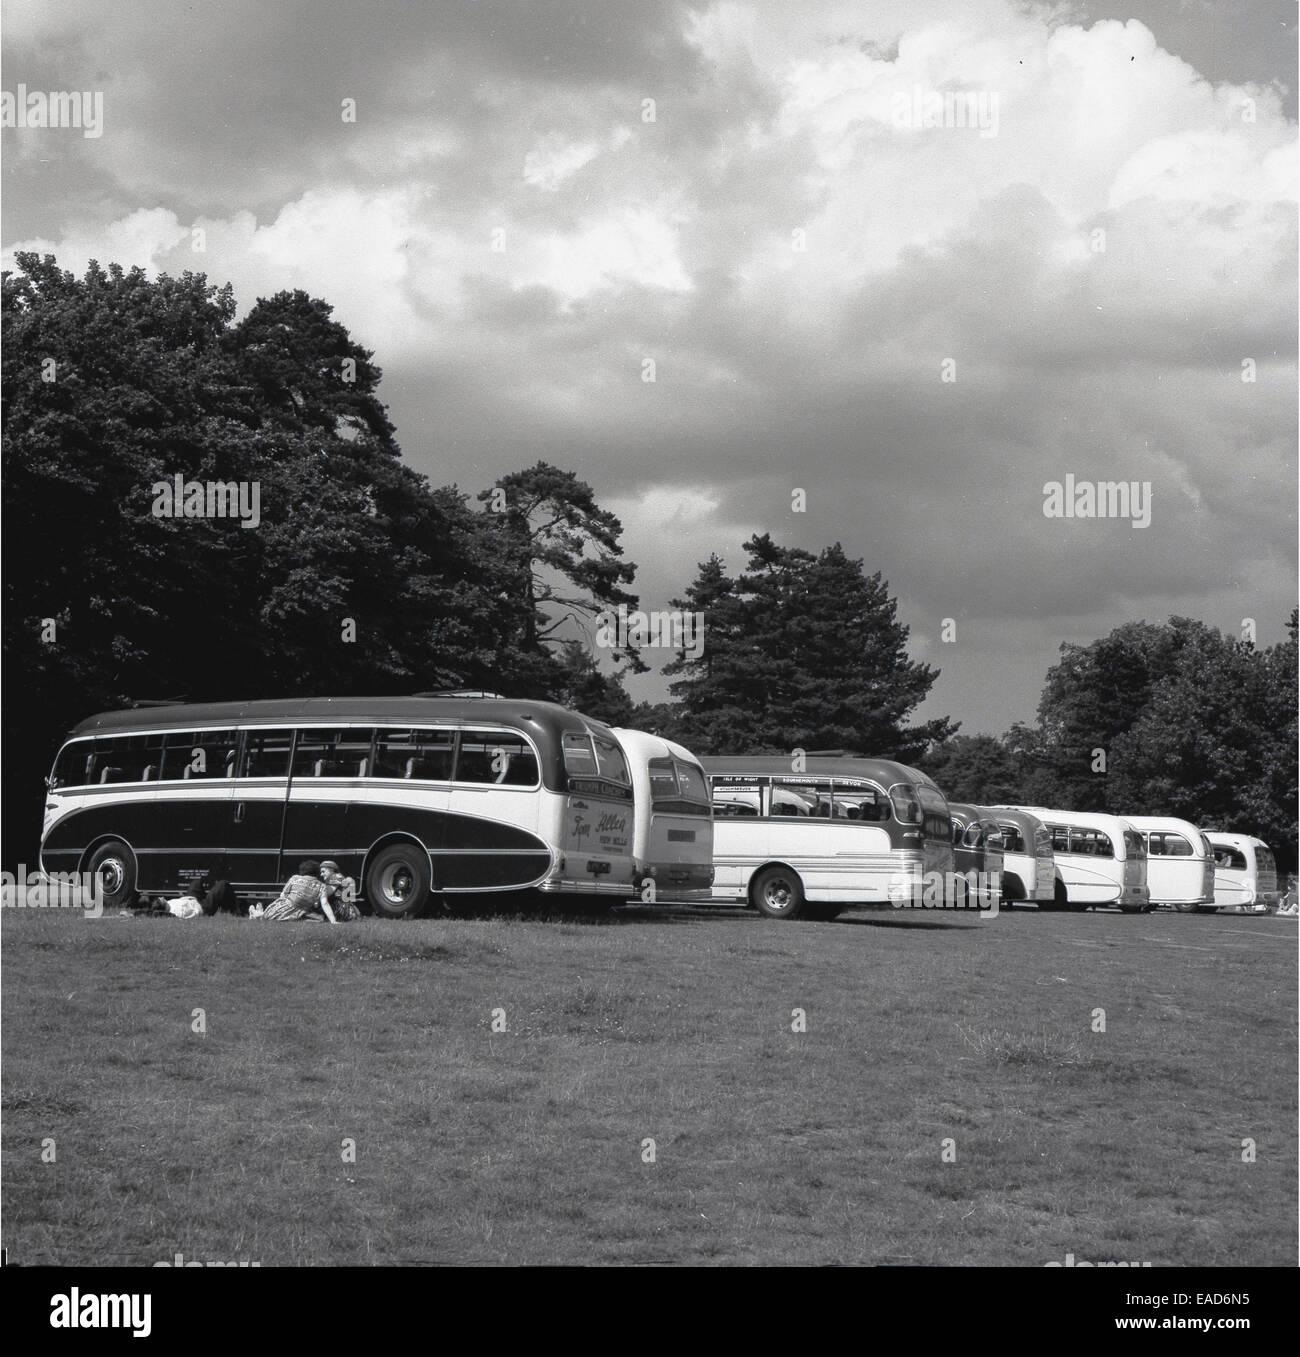 Storico. Degli anni Cinquanta, la linea di pullman turistici in un campo. Immagini Stock